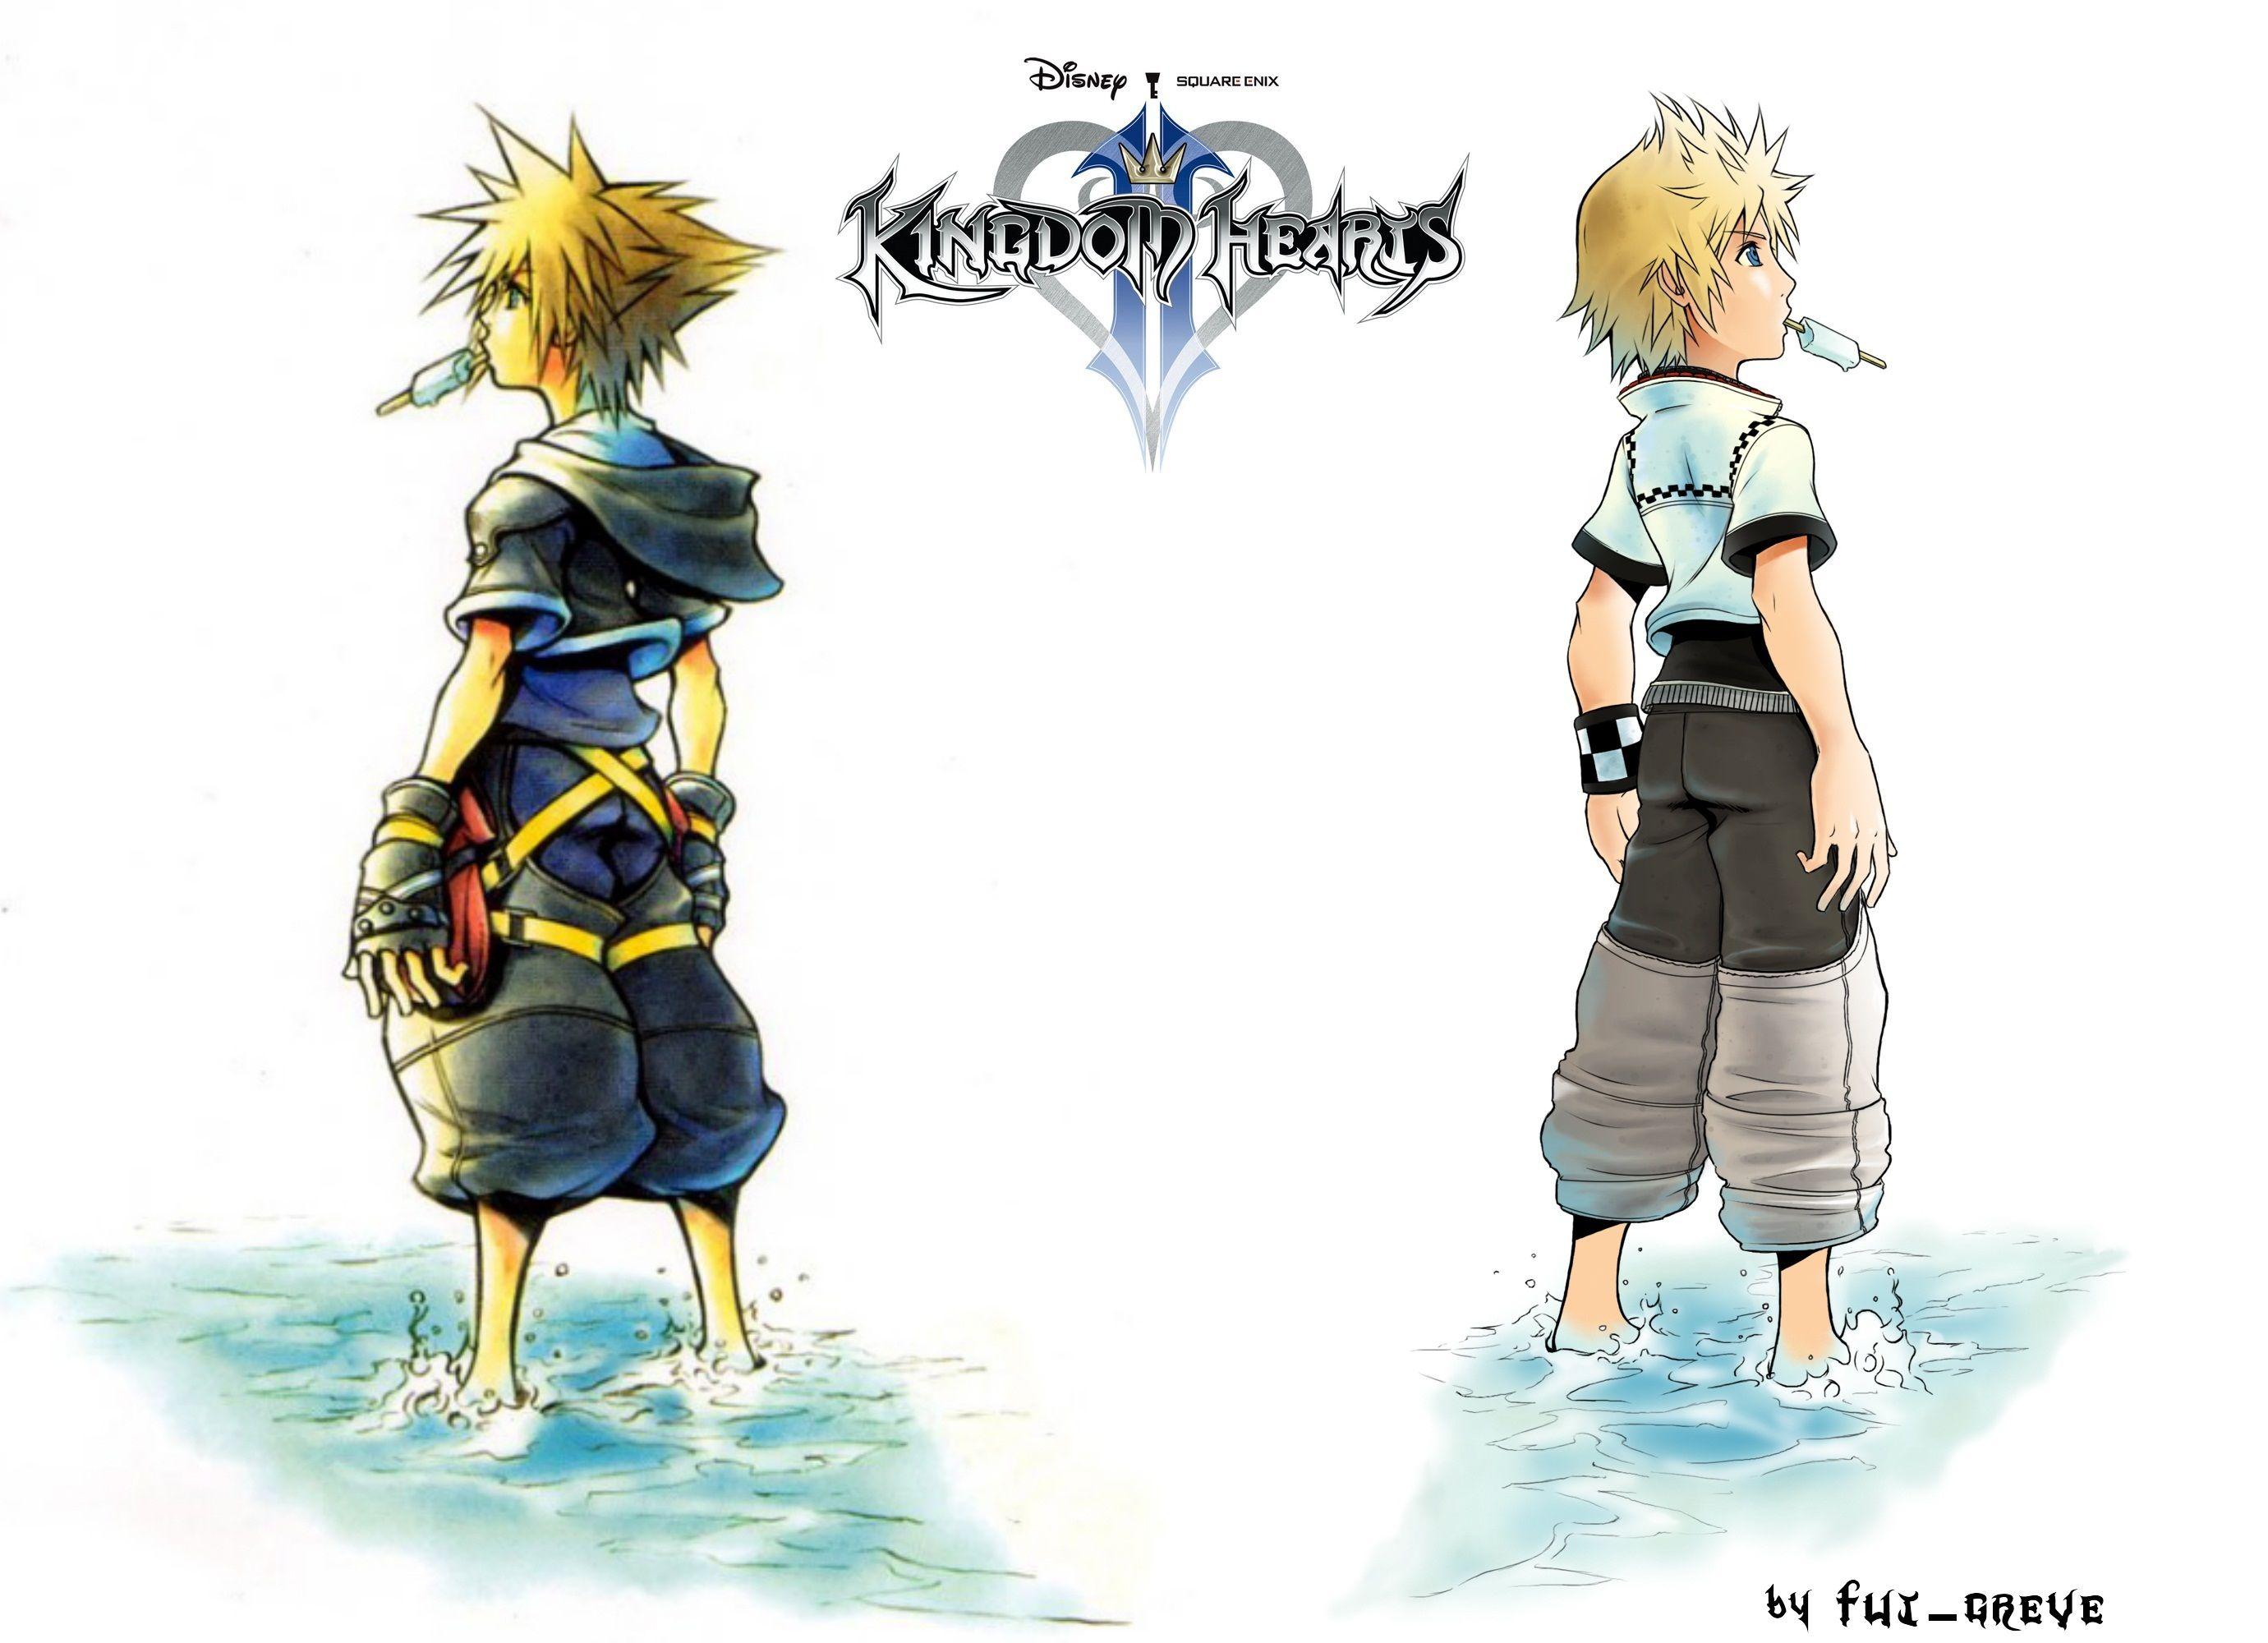 Https Orig00 Deviantart Net F13d F 2012 118 9 4 Kingdom Hearts 2 Sora And Roxas Wallpaper Sora Kingdom Hearts Kingdom Hearts Wallpaper Kingdom Hearts Fanart